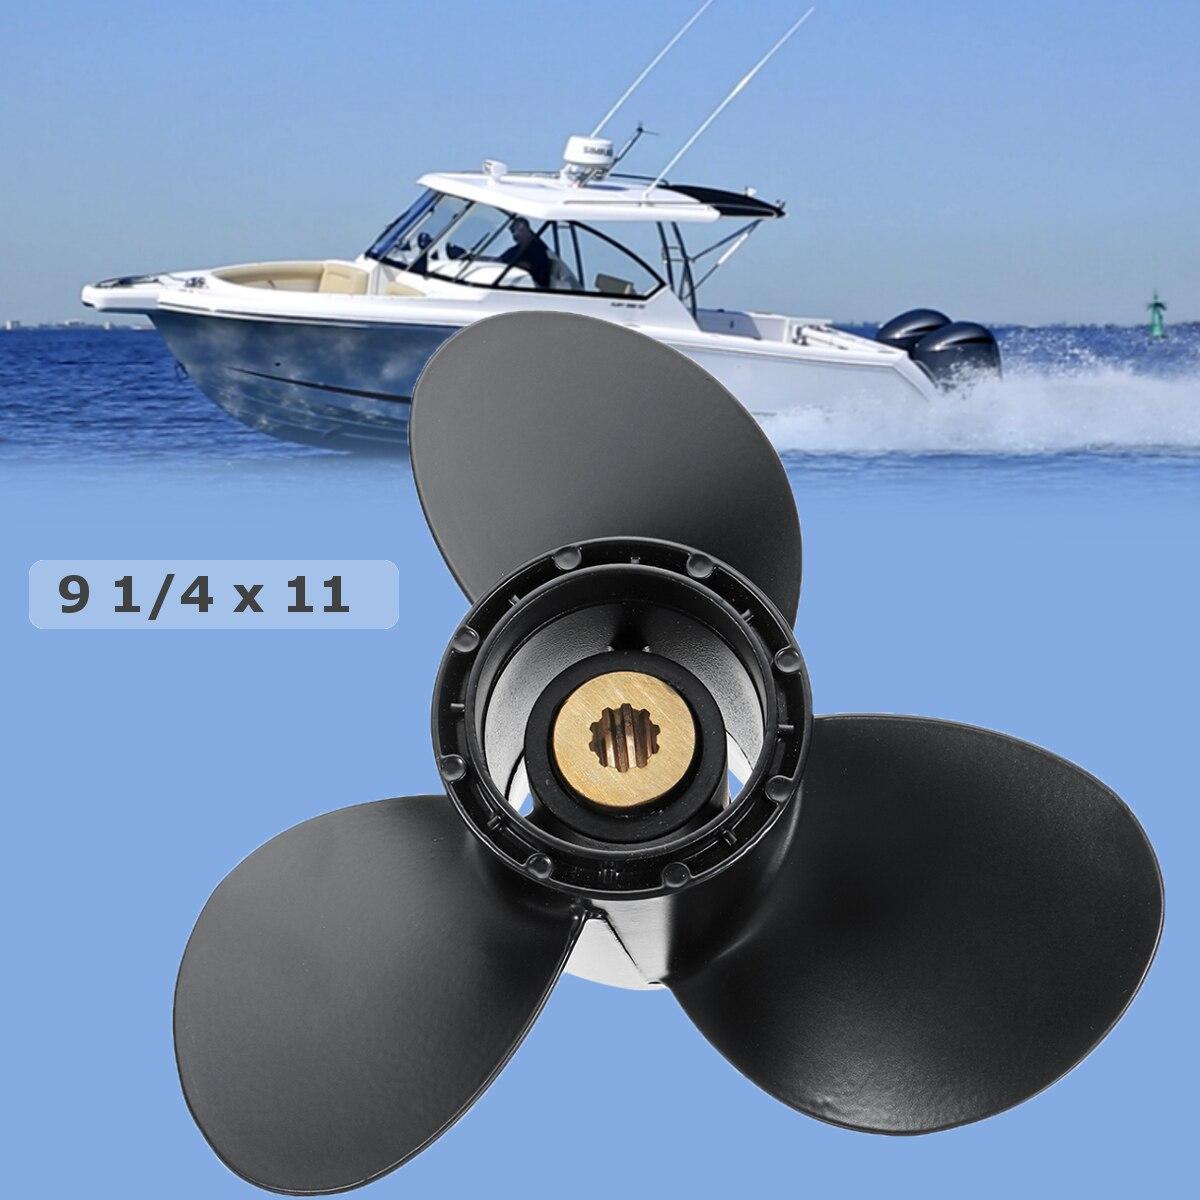 Audew 58100-93743-019 9 1/4x11 лодка подвесная Пропеллер для Suzuki 9,9-15HP алюминиевый сплав 3 лезвия 10 Spline Tooths черный